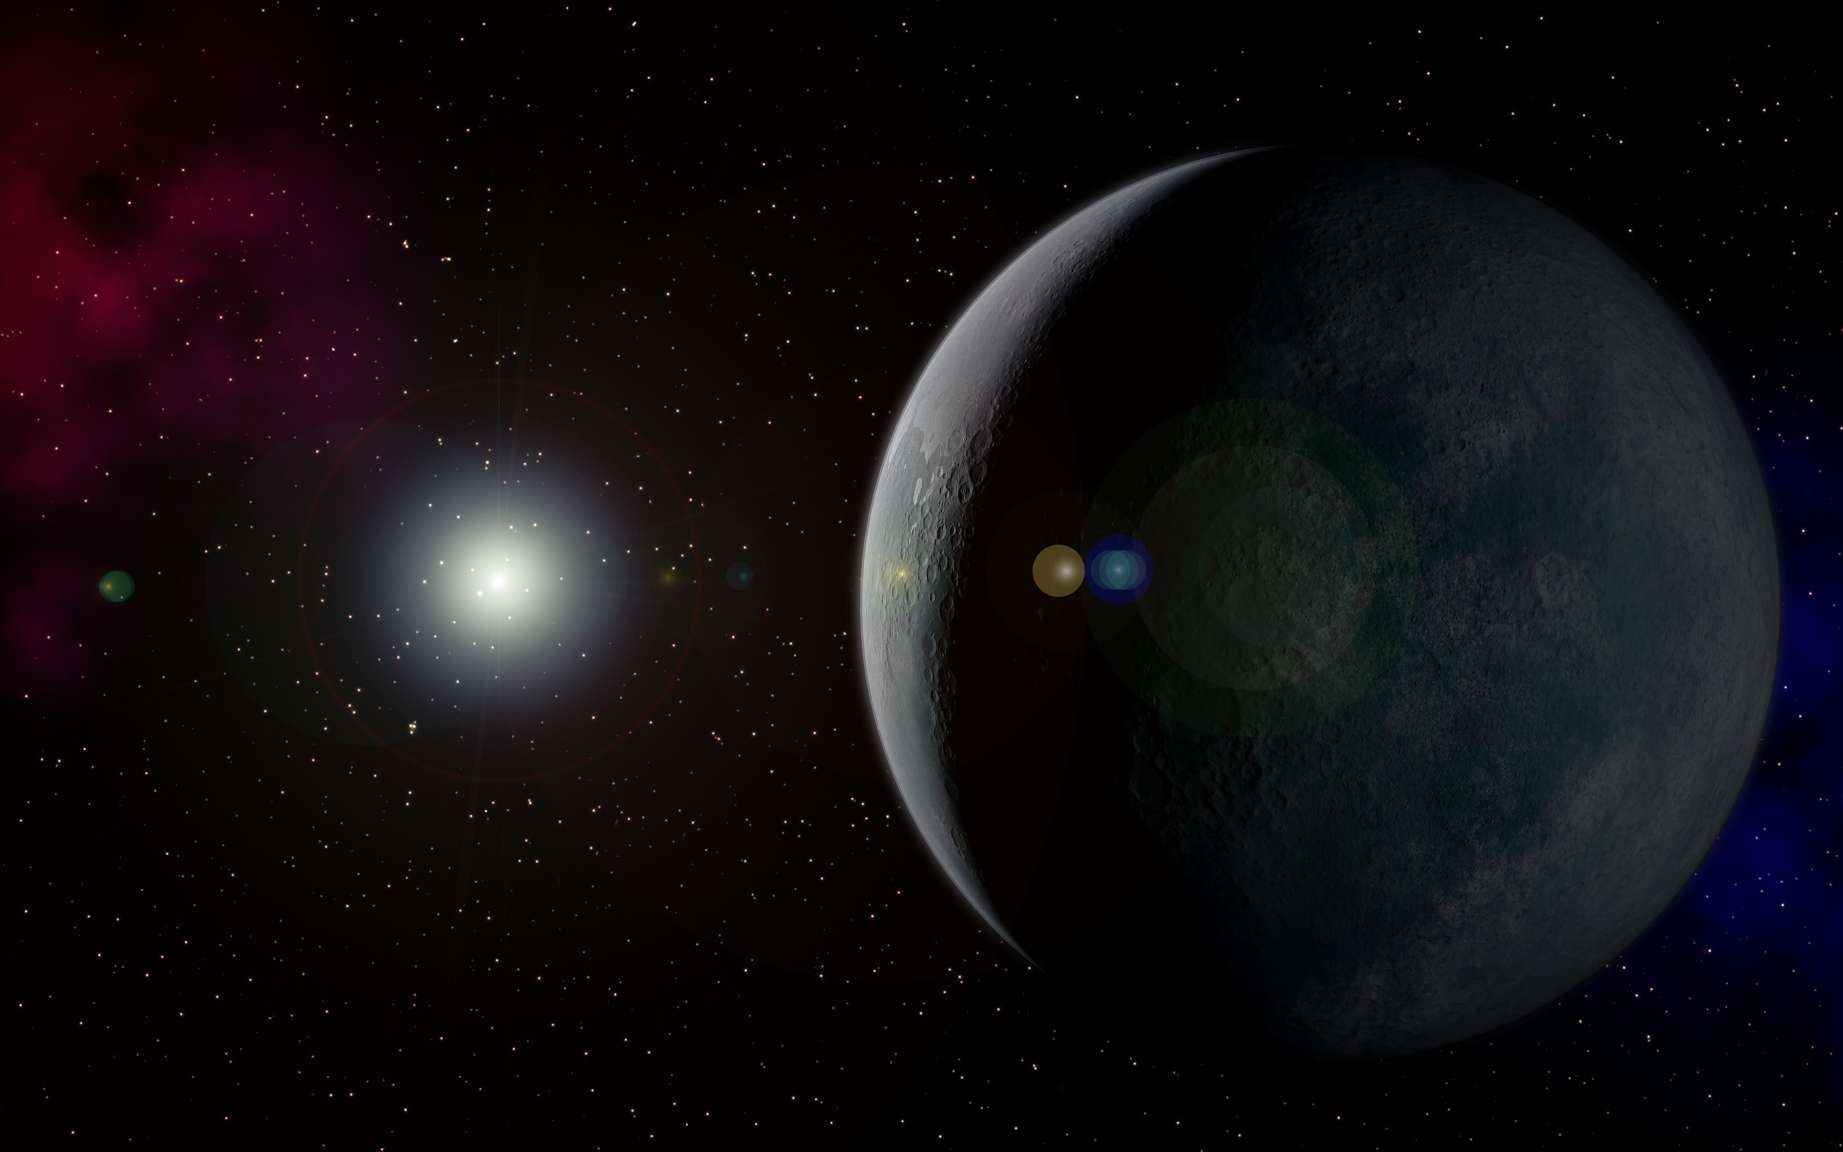 Des chercheurs pensent trouver une preuve supplémentaire de l'existence d'une neuvième planète aux confins de notre Système solaire en étudiant la trajectoire des comètes observées au Moyen-Âge et dépeintes dans les tapisseries. ©️ Kevin Gill/Elizabeth Gill, Flickr